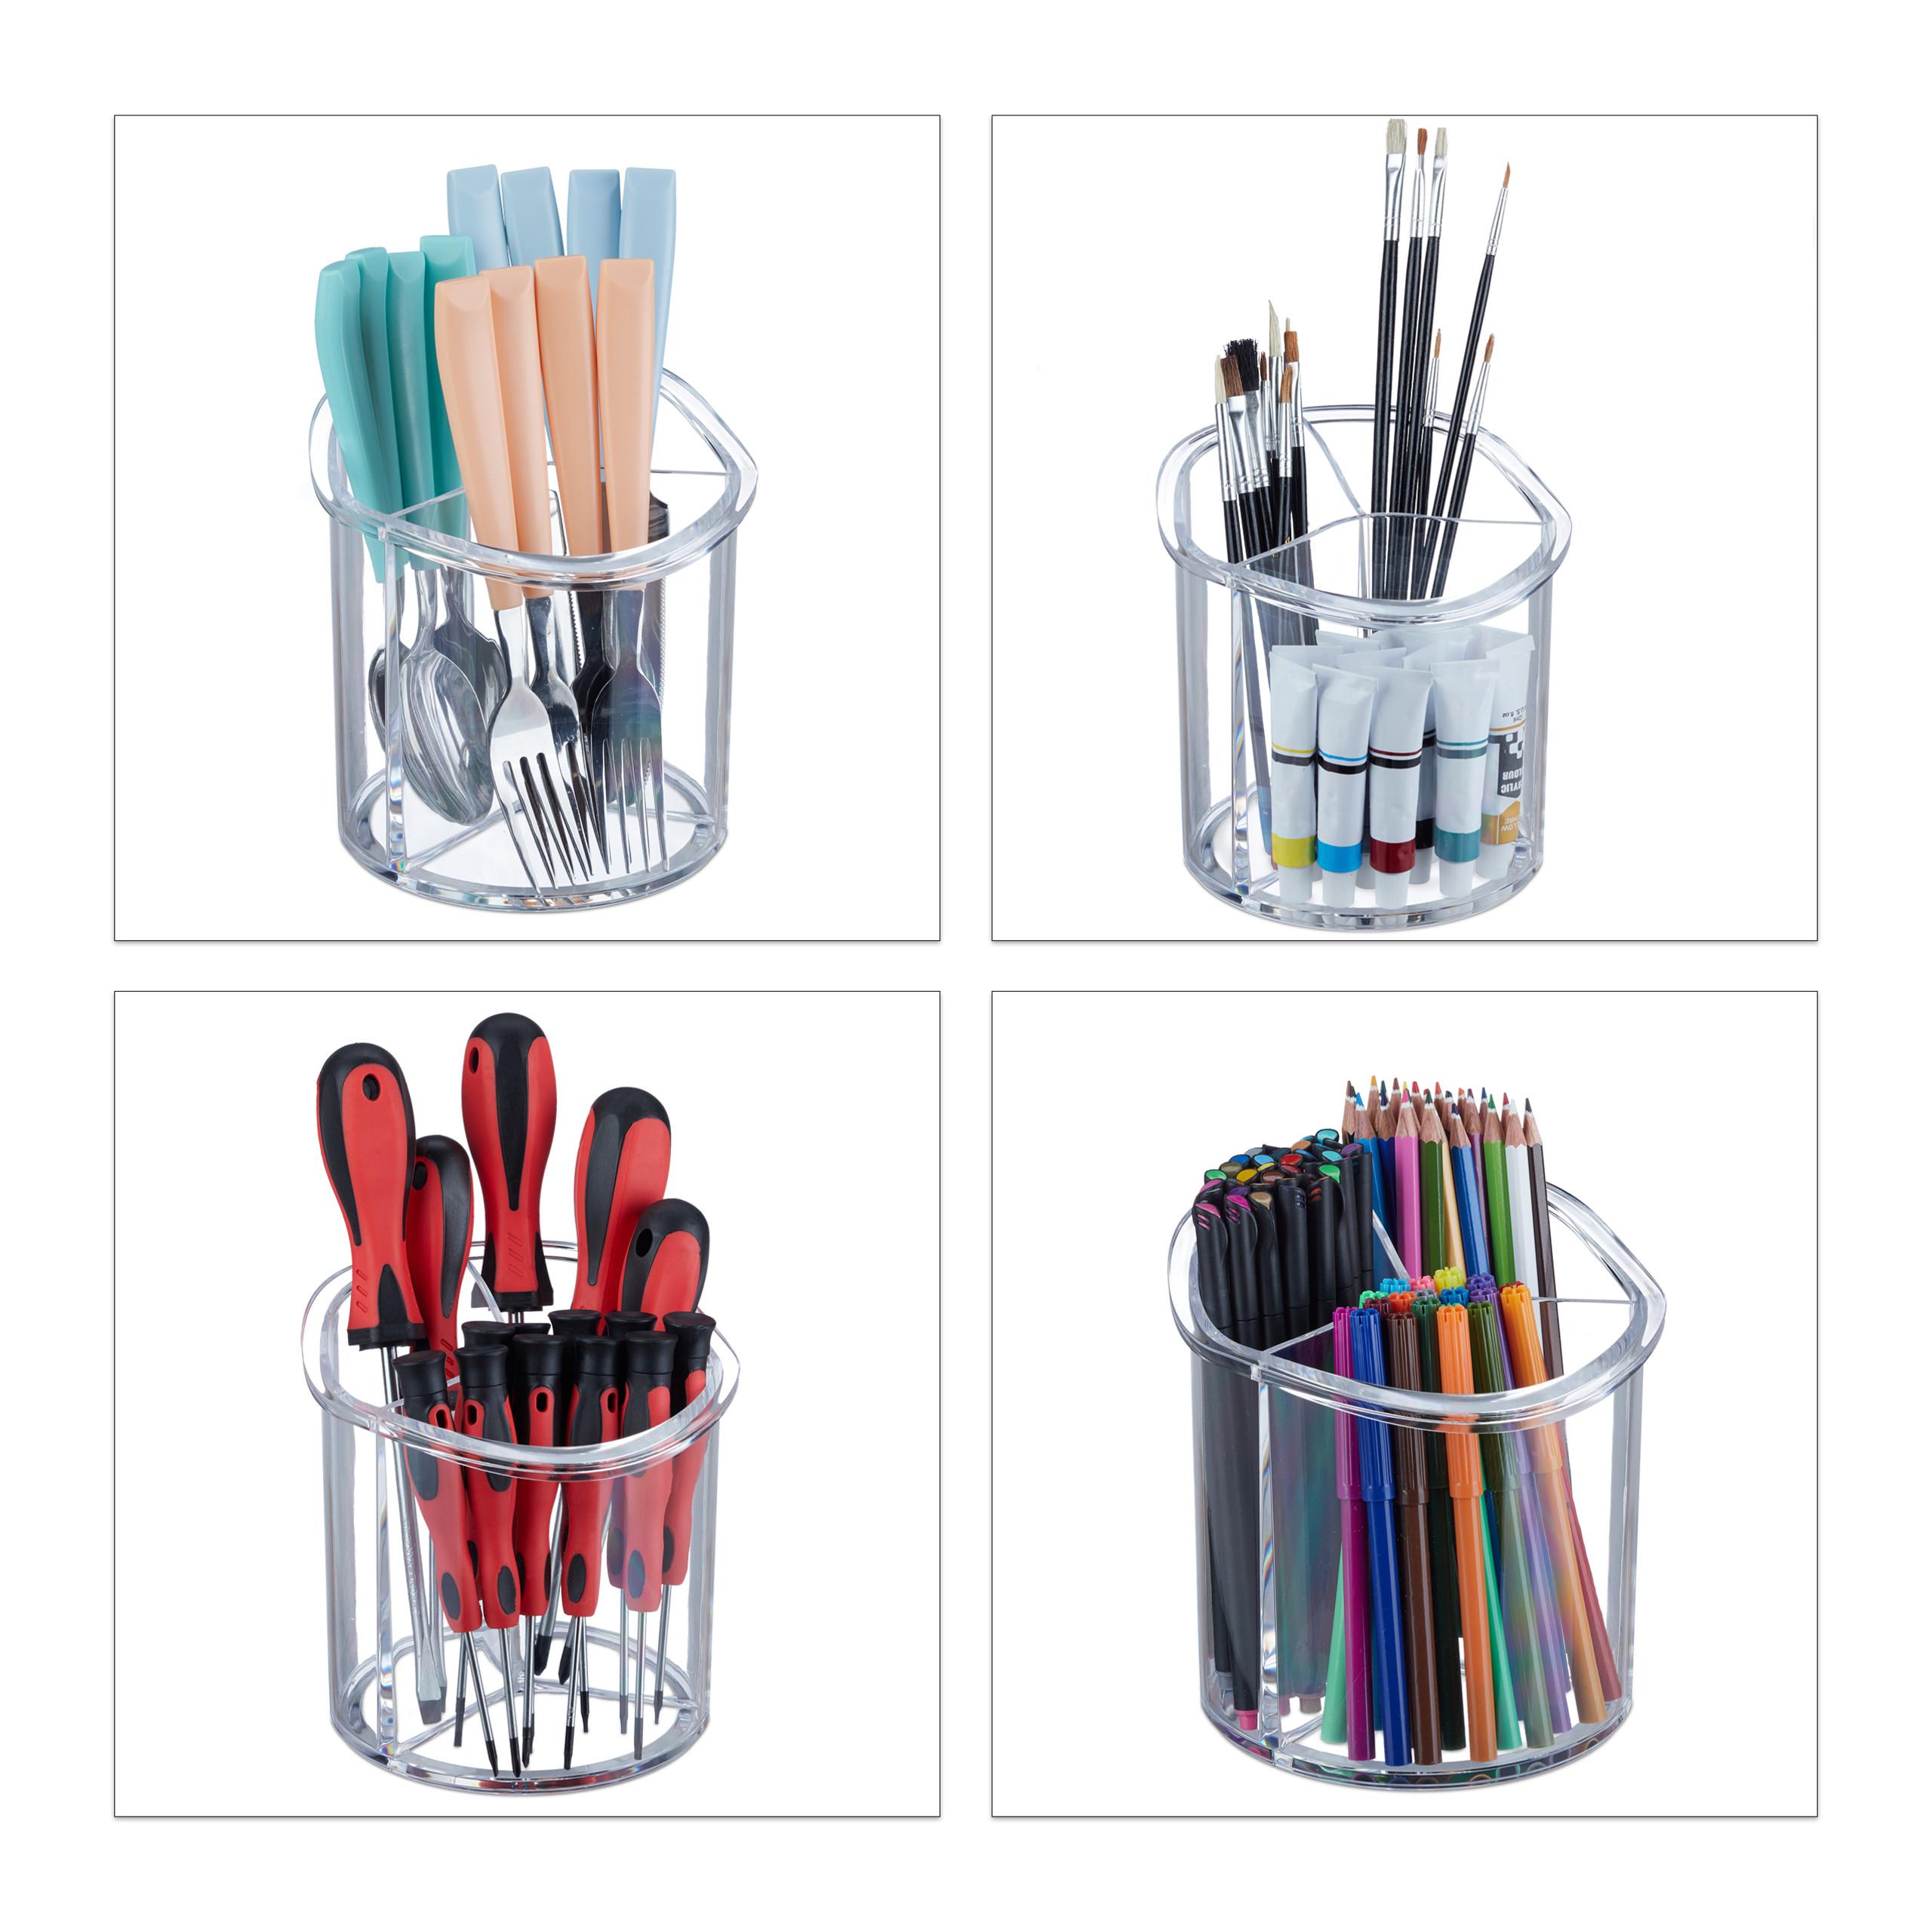 make-up-organizer-kwastenhouder-kwasten-acryl-organizer-rond miniatuur 5